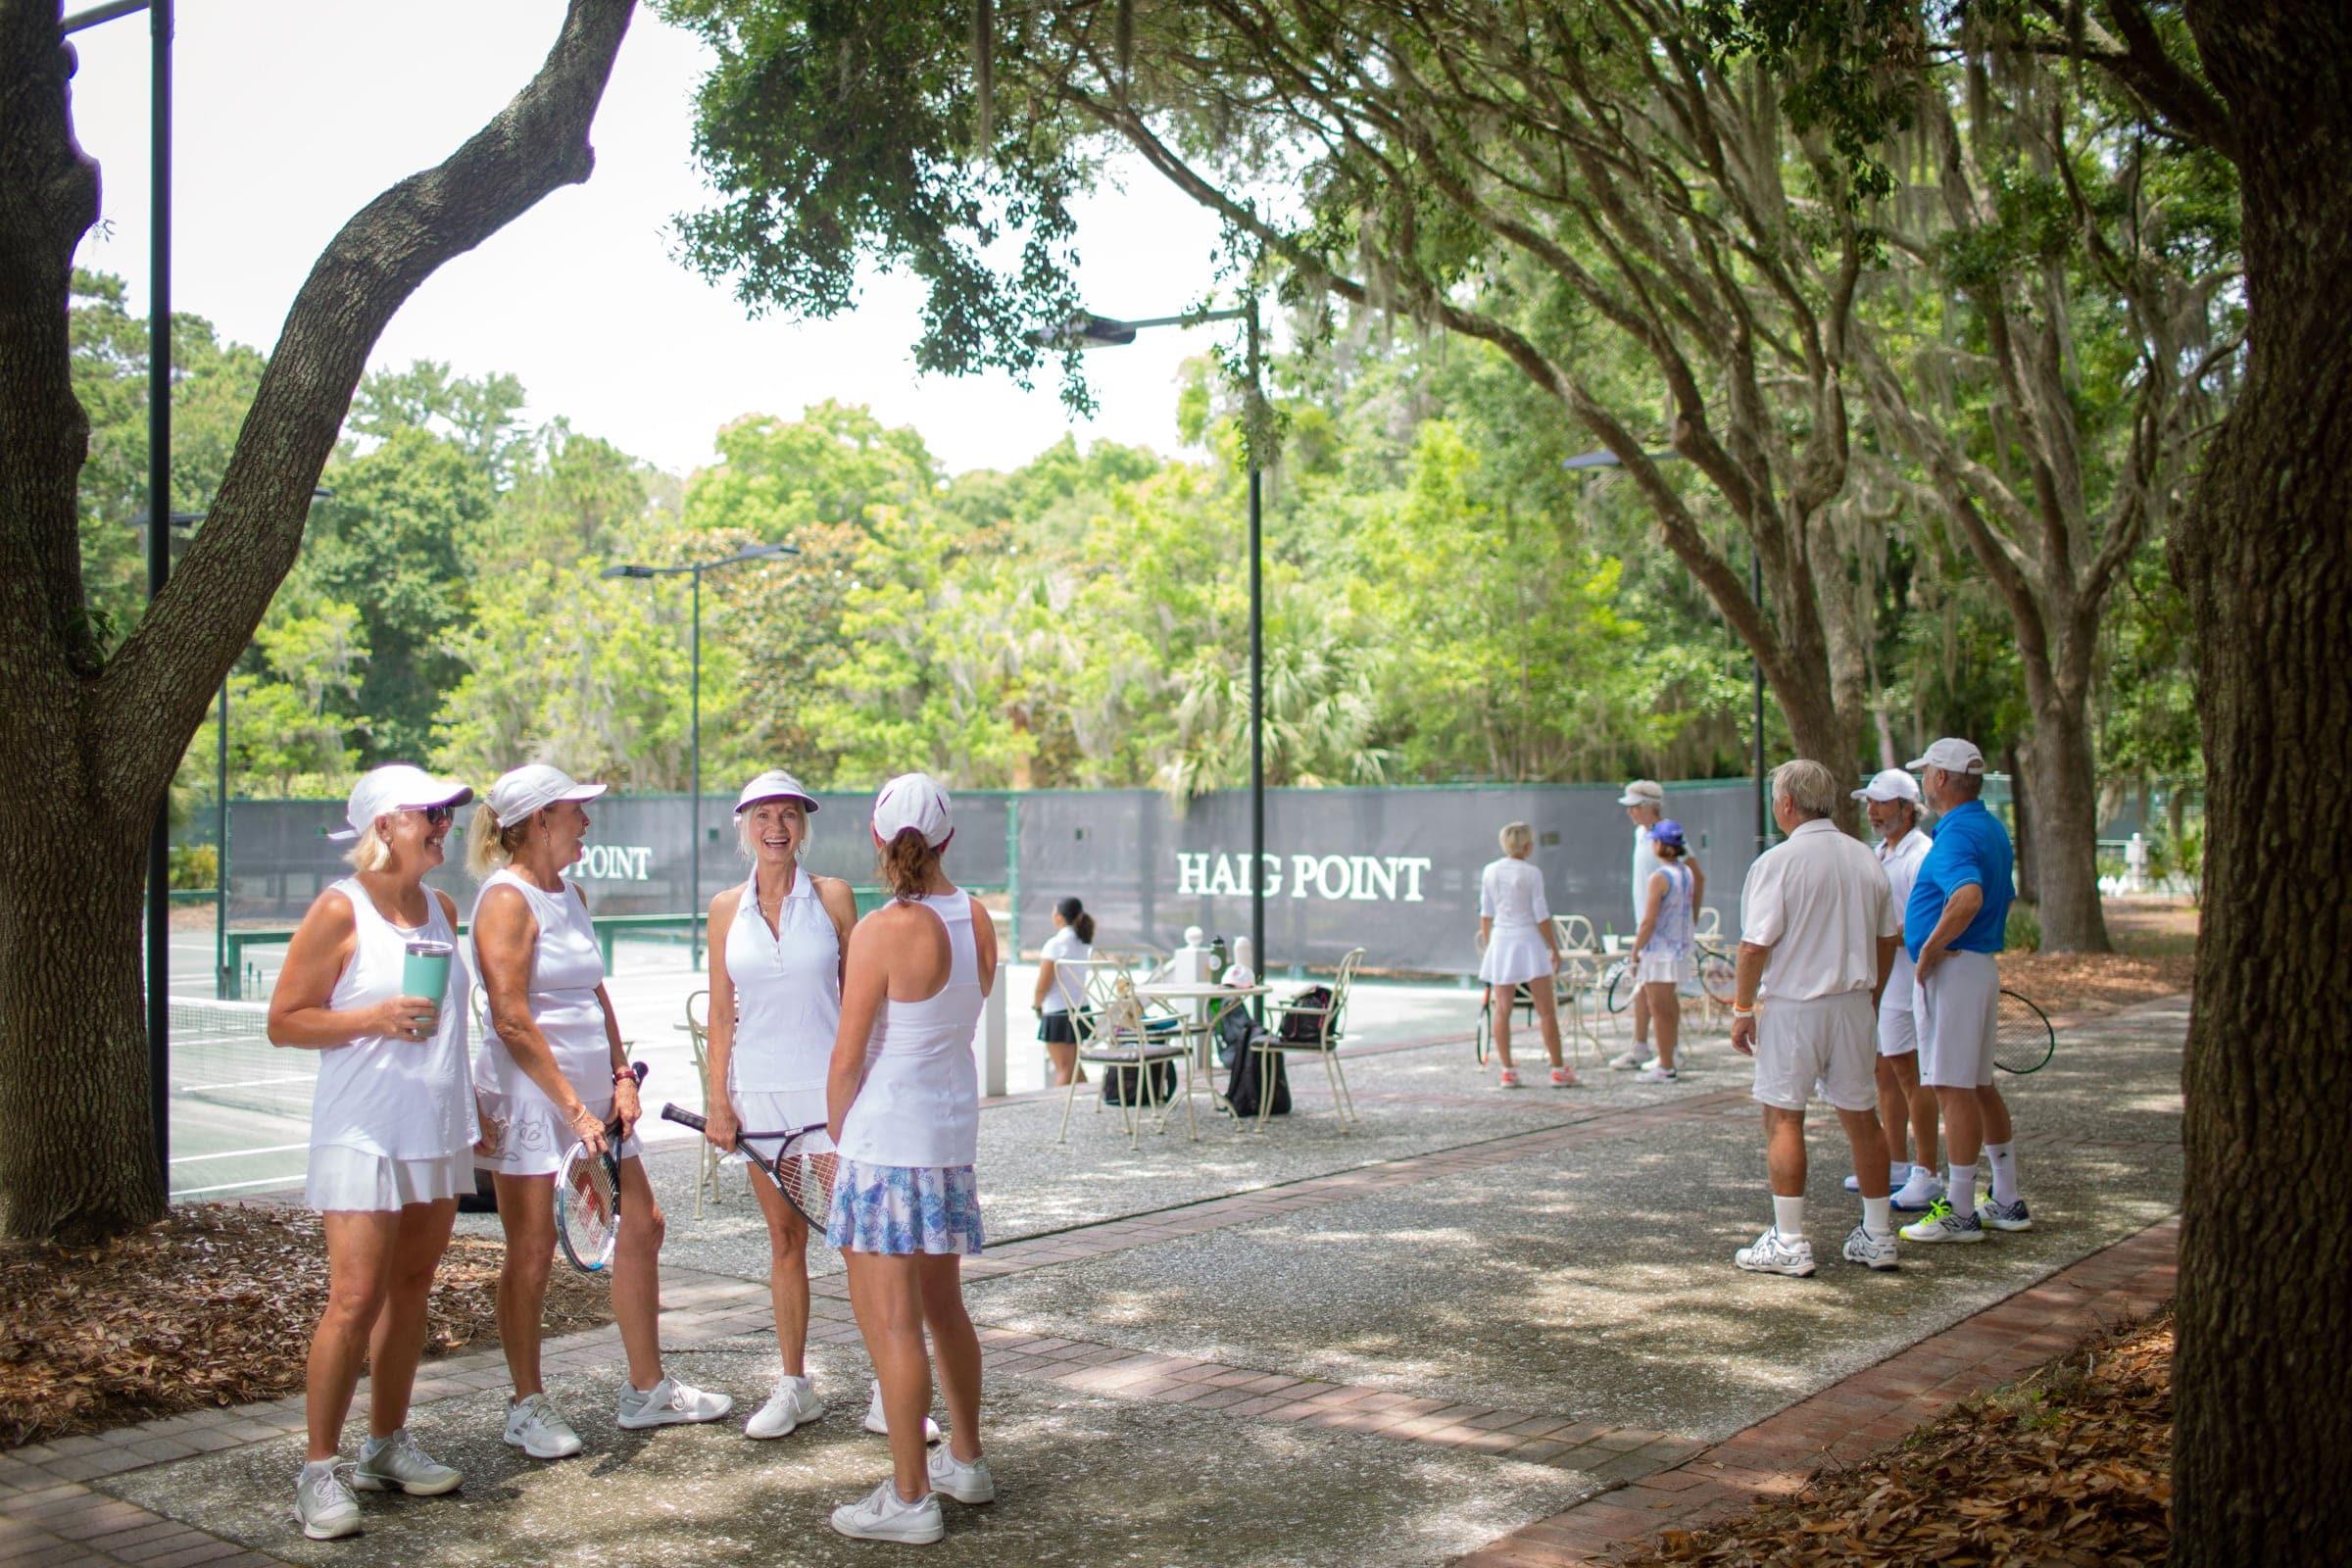 Haig Point Tennis Center